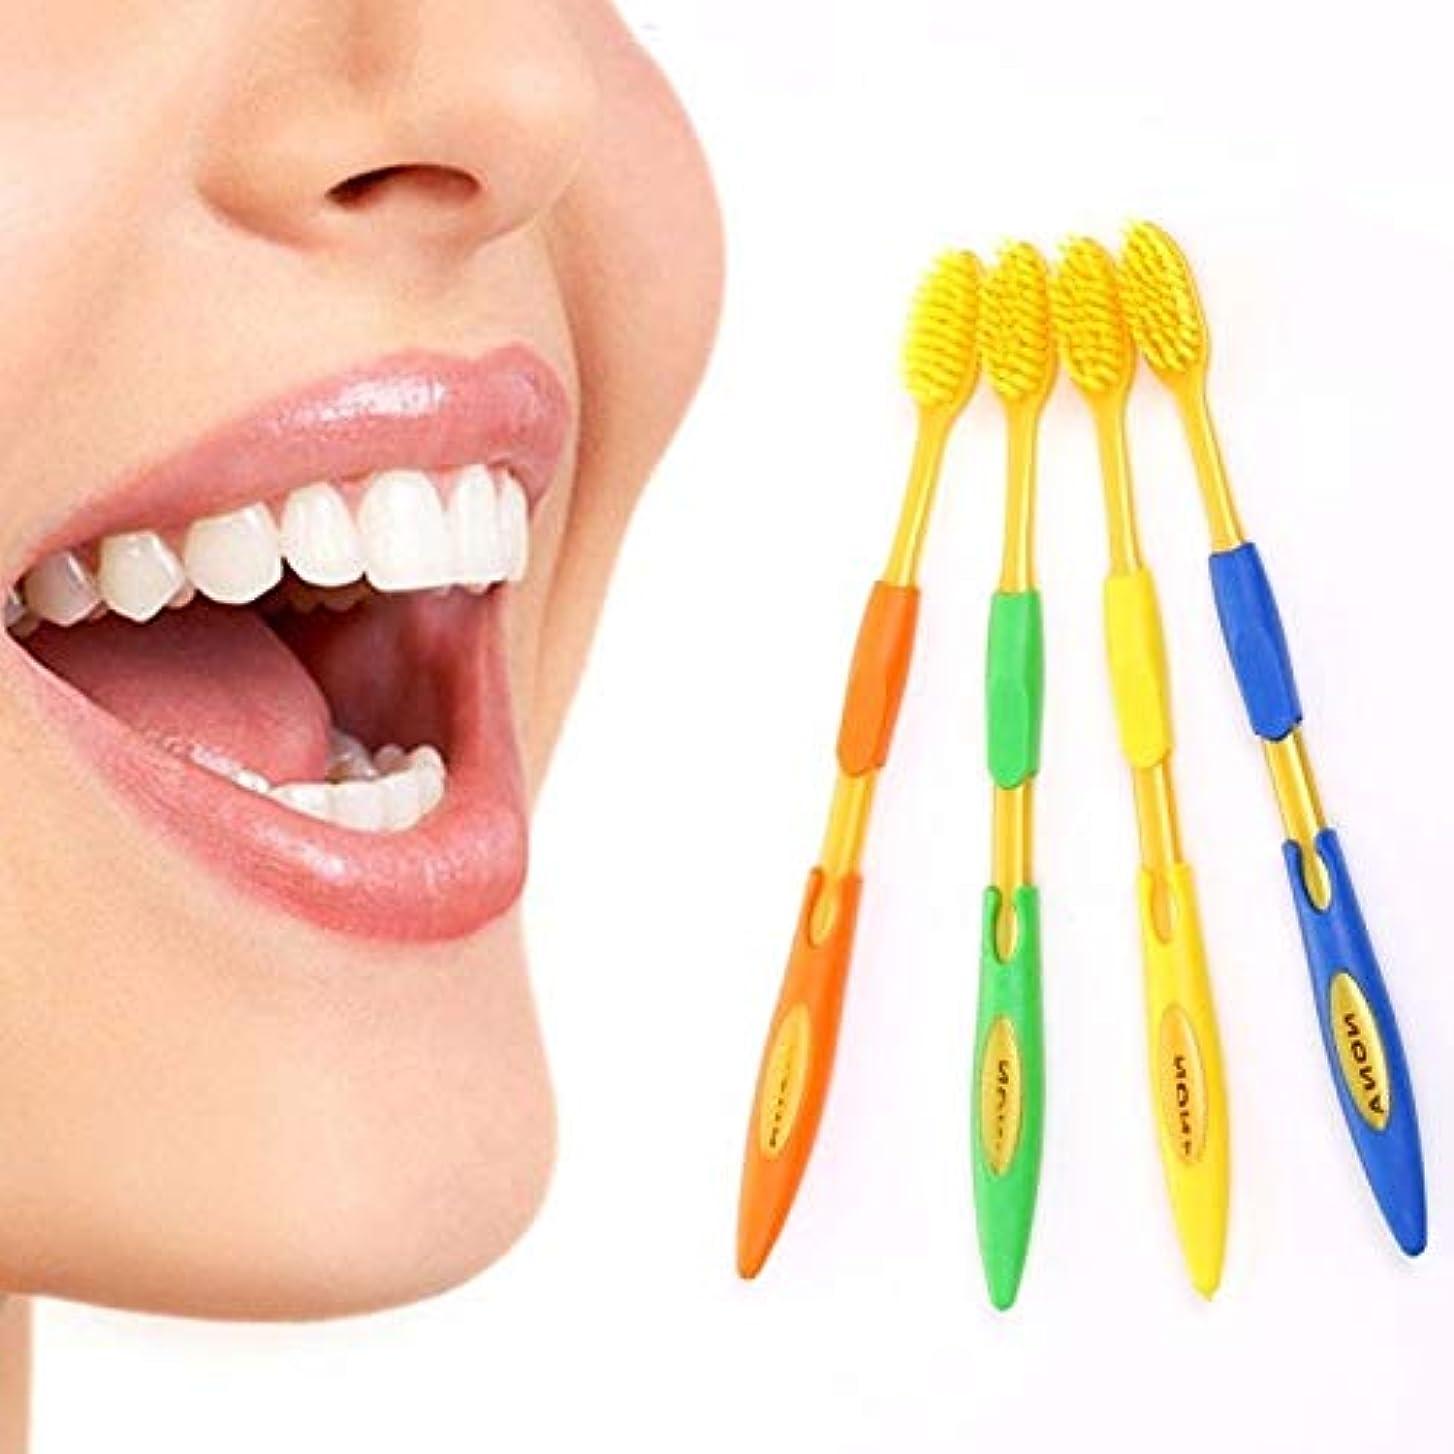 刺します特別に哺乳類歯ブラシ4本 歯間ブラシ?柔らかい 衛生 除菌